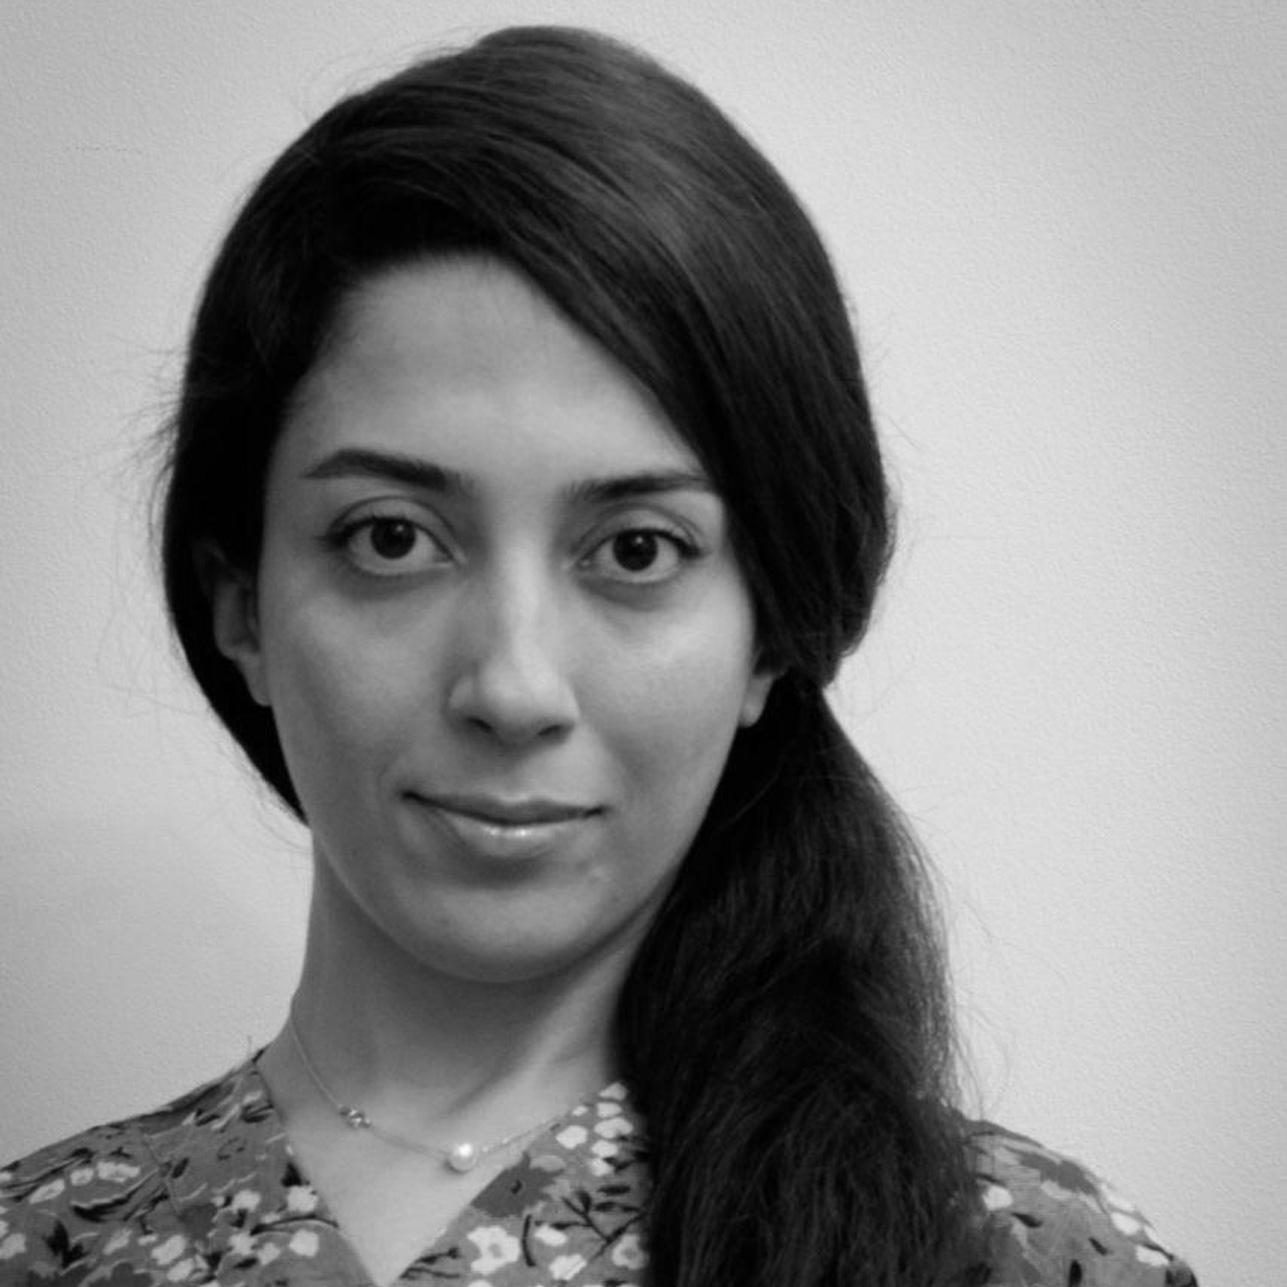 Shadi Motahari